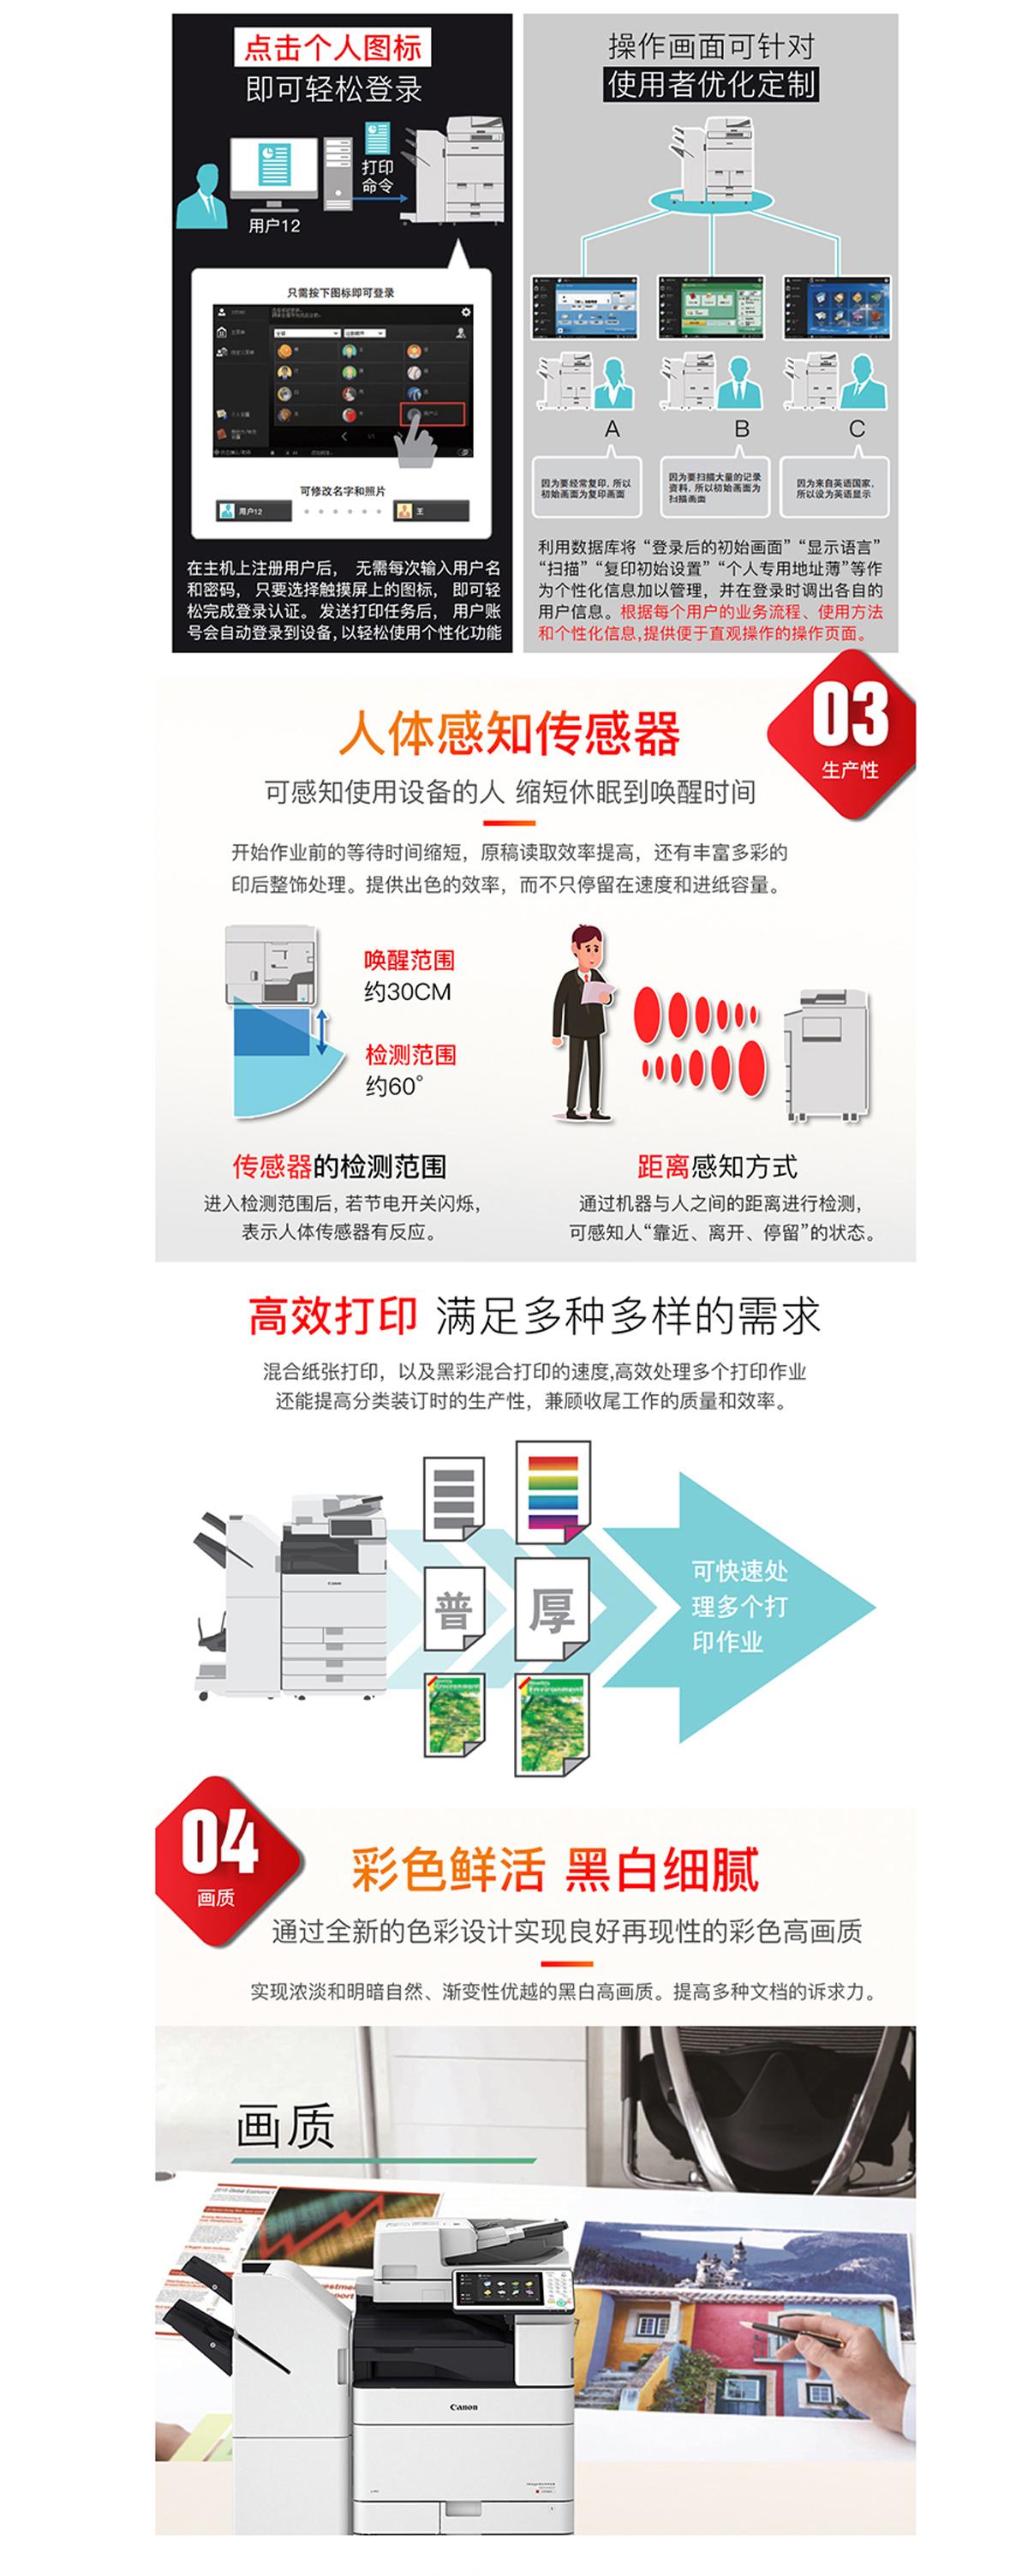 (全新机)IR-ADV C5550 佳能复合机A3A4彩色激光网络打印扫描一体机(打印/复印/网络扫描)(图3)